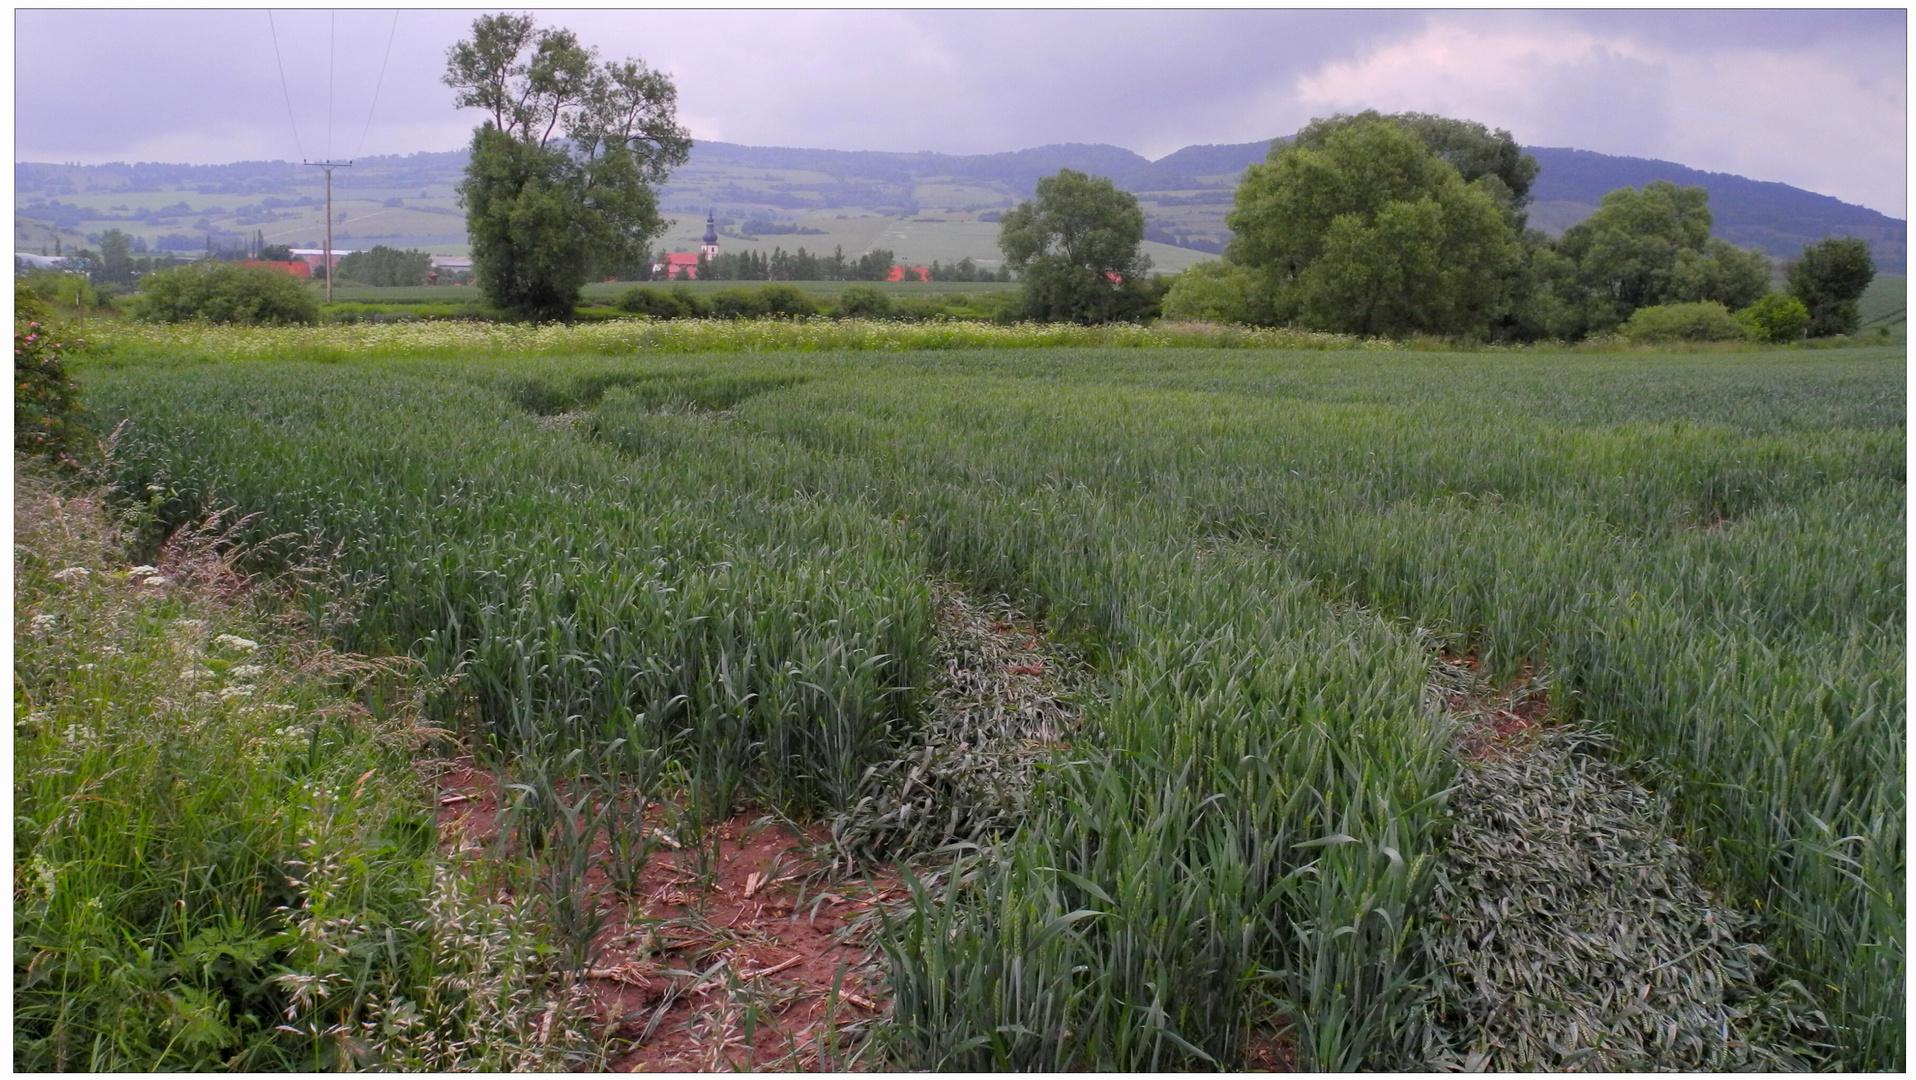 Campos cerca del lago (Felder am See)